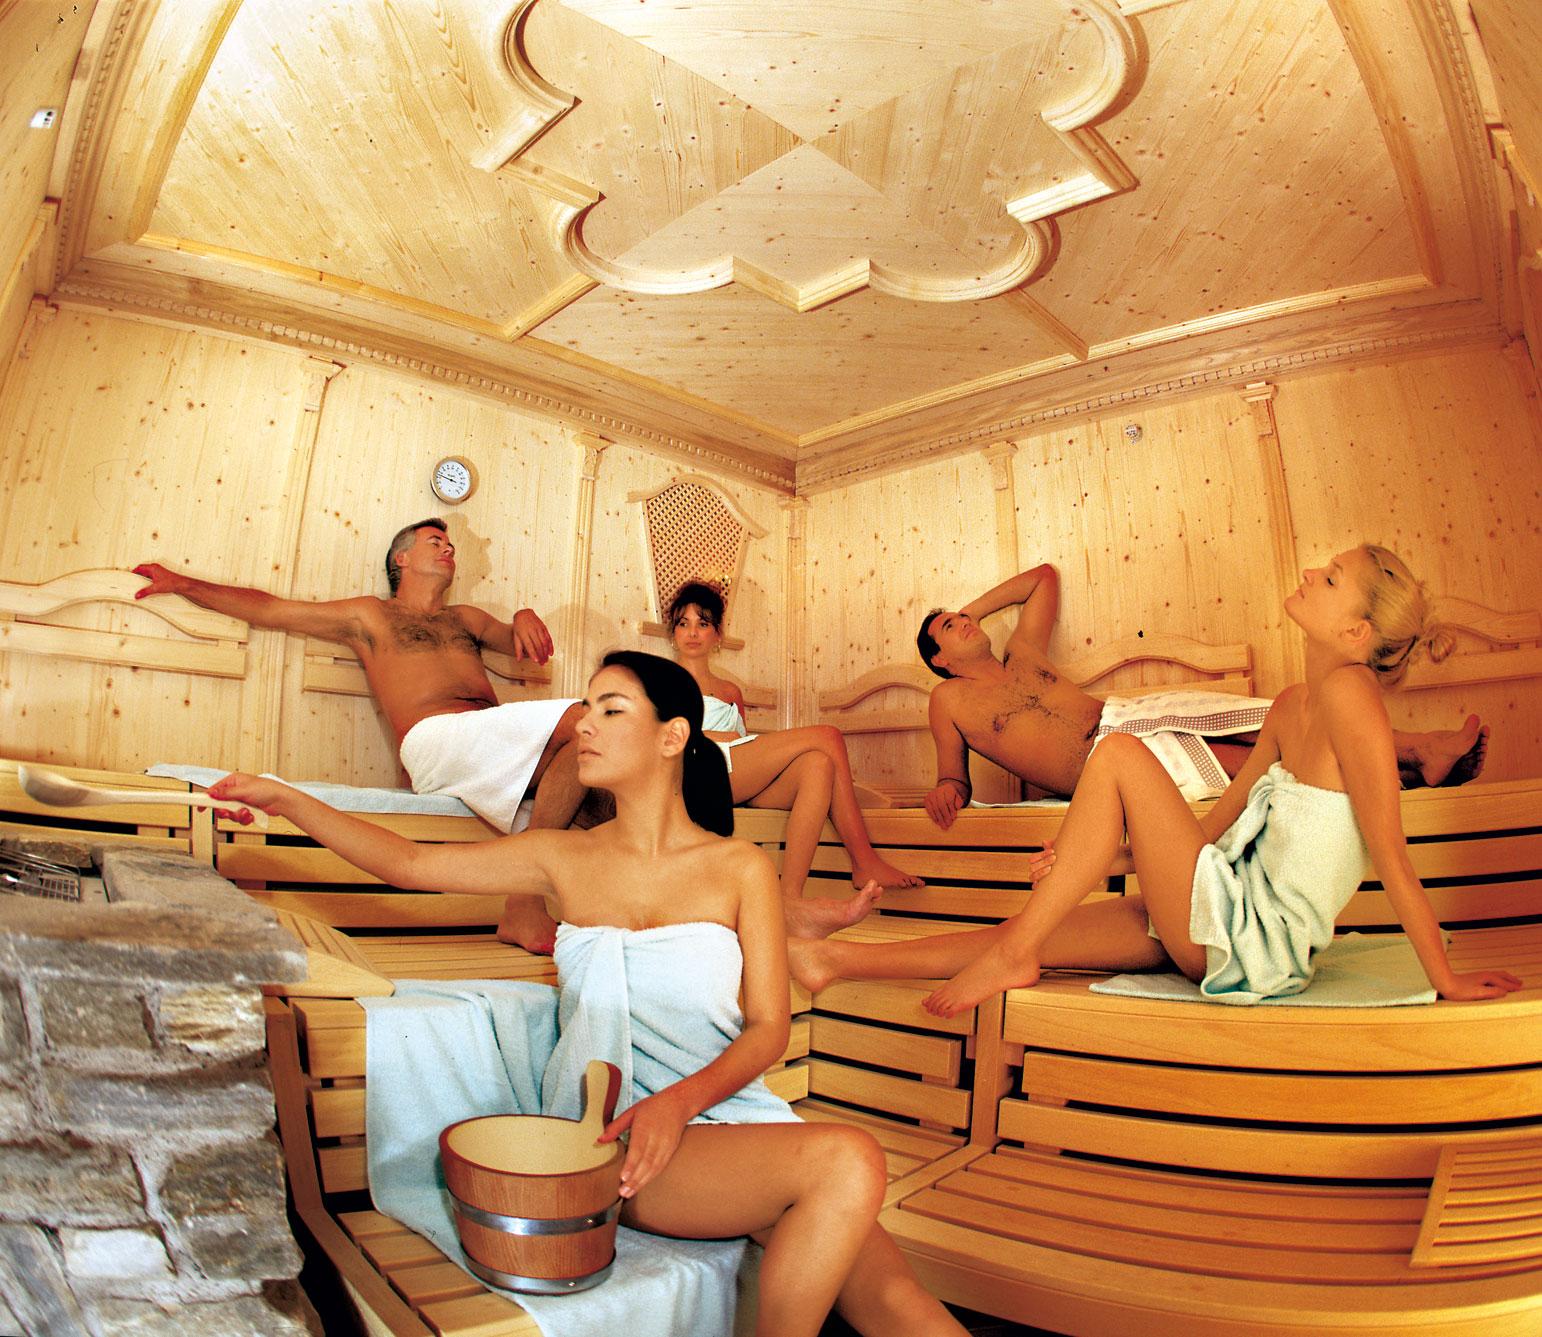 fre sex stockholm sauna